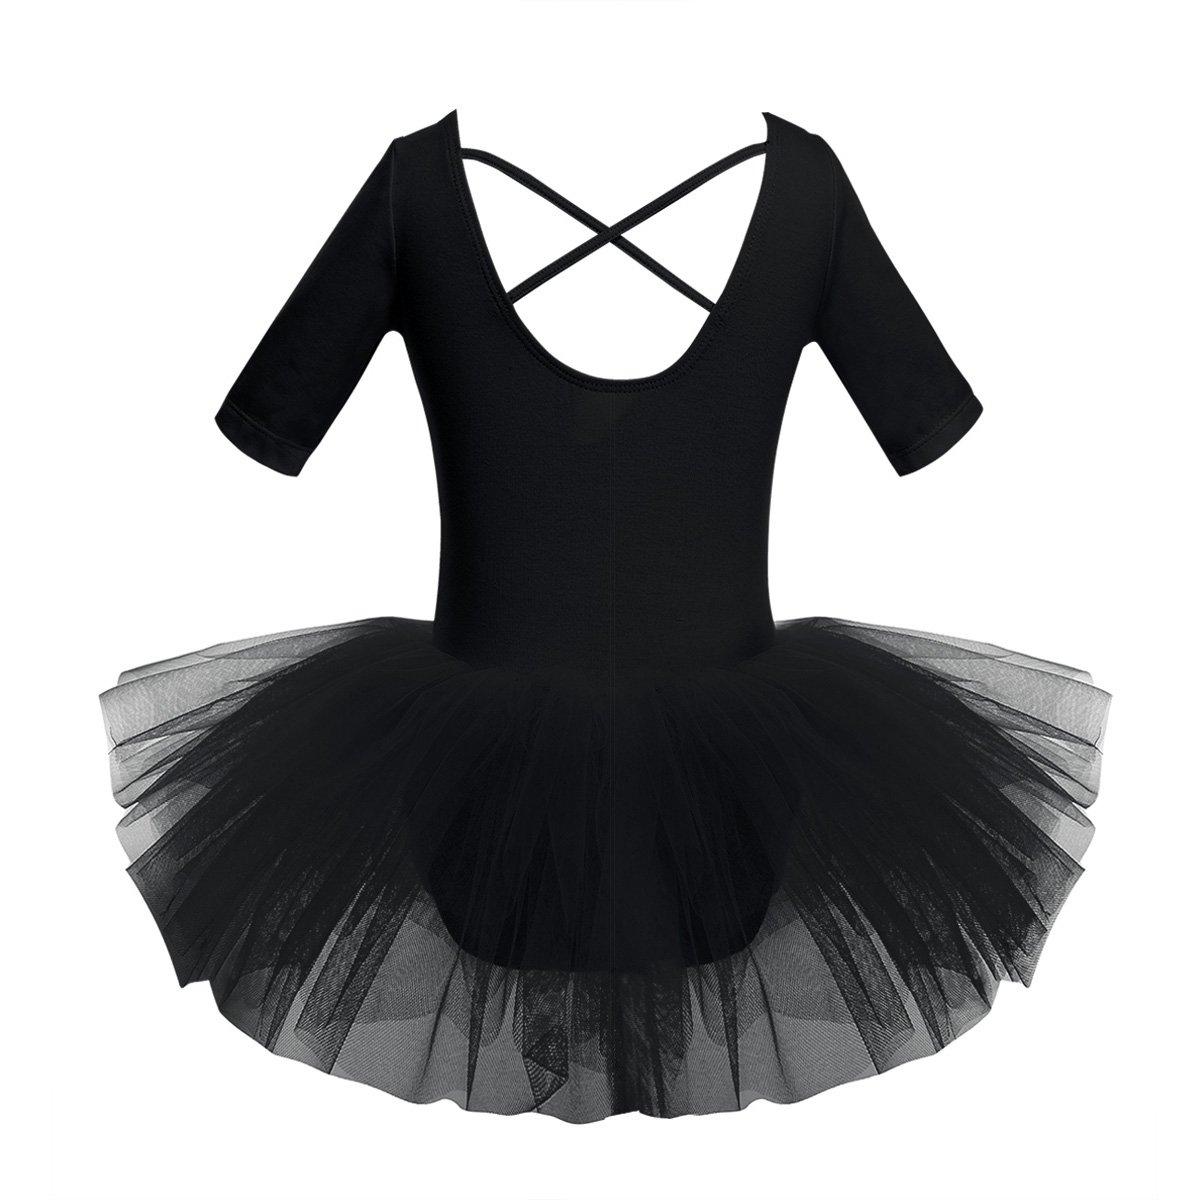 6ae4392f7 YiZYiF YiZYiF Kids Girl s Short Sleeved Gymnastics Ballet Dance ...